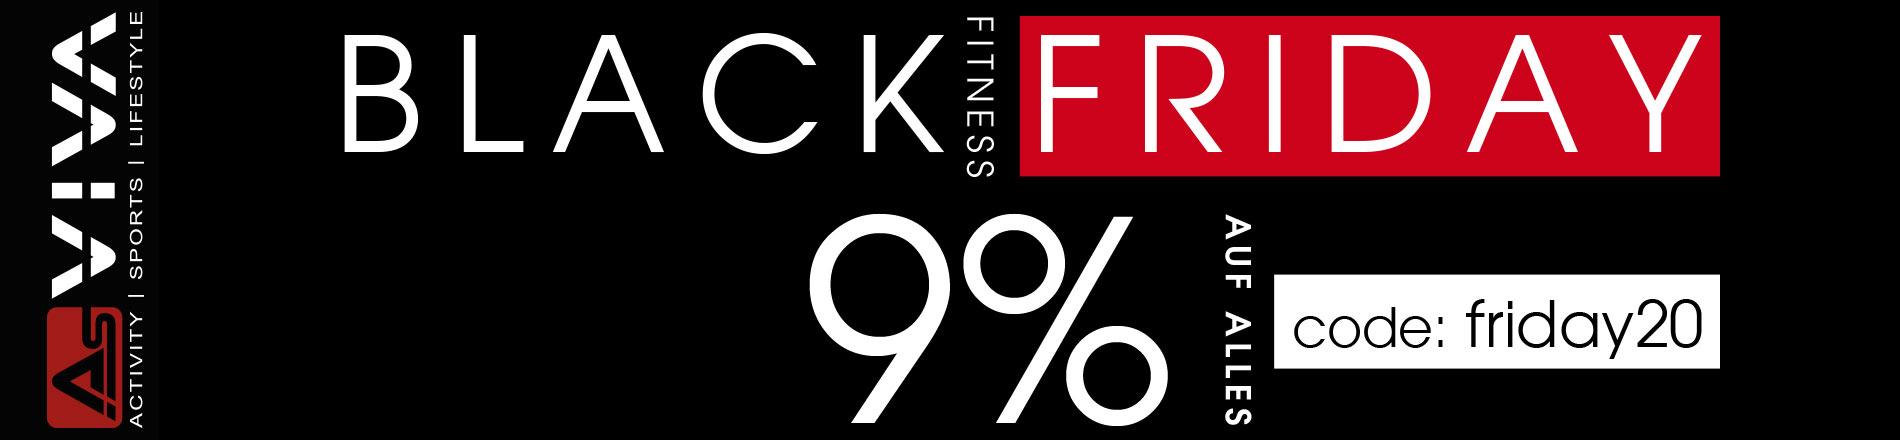 6% Cyber Fitness Woche Gutschein für Fitnessgeräte, E-Bikes, E-Scooter, Keramikgrills und Gartenmöbel